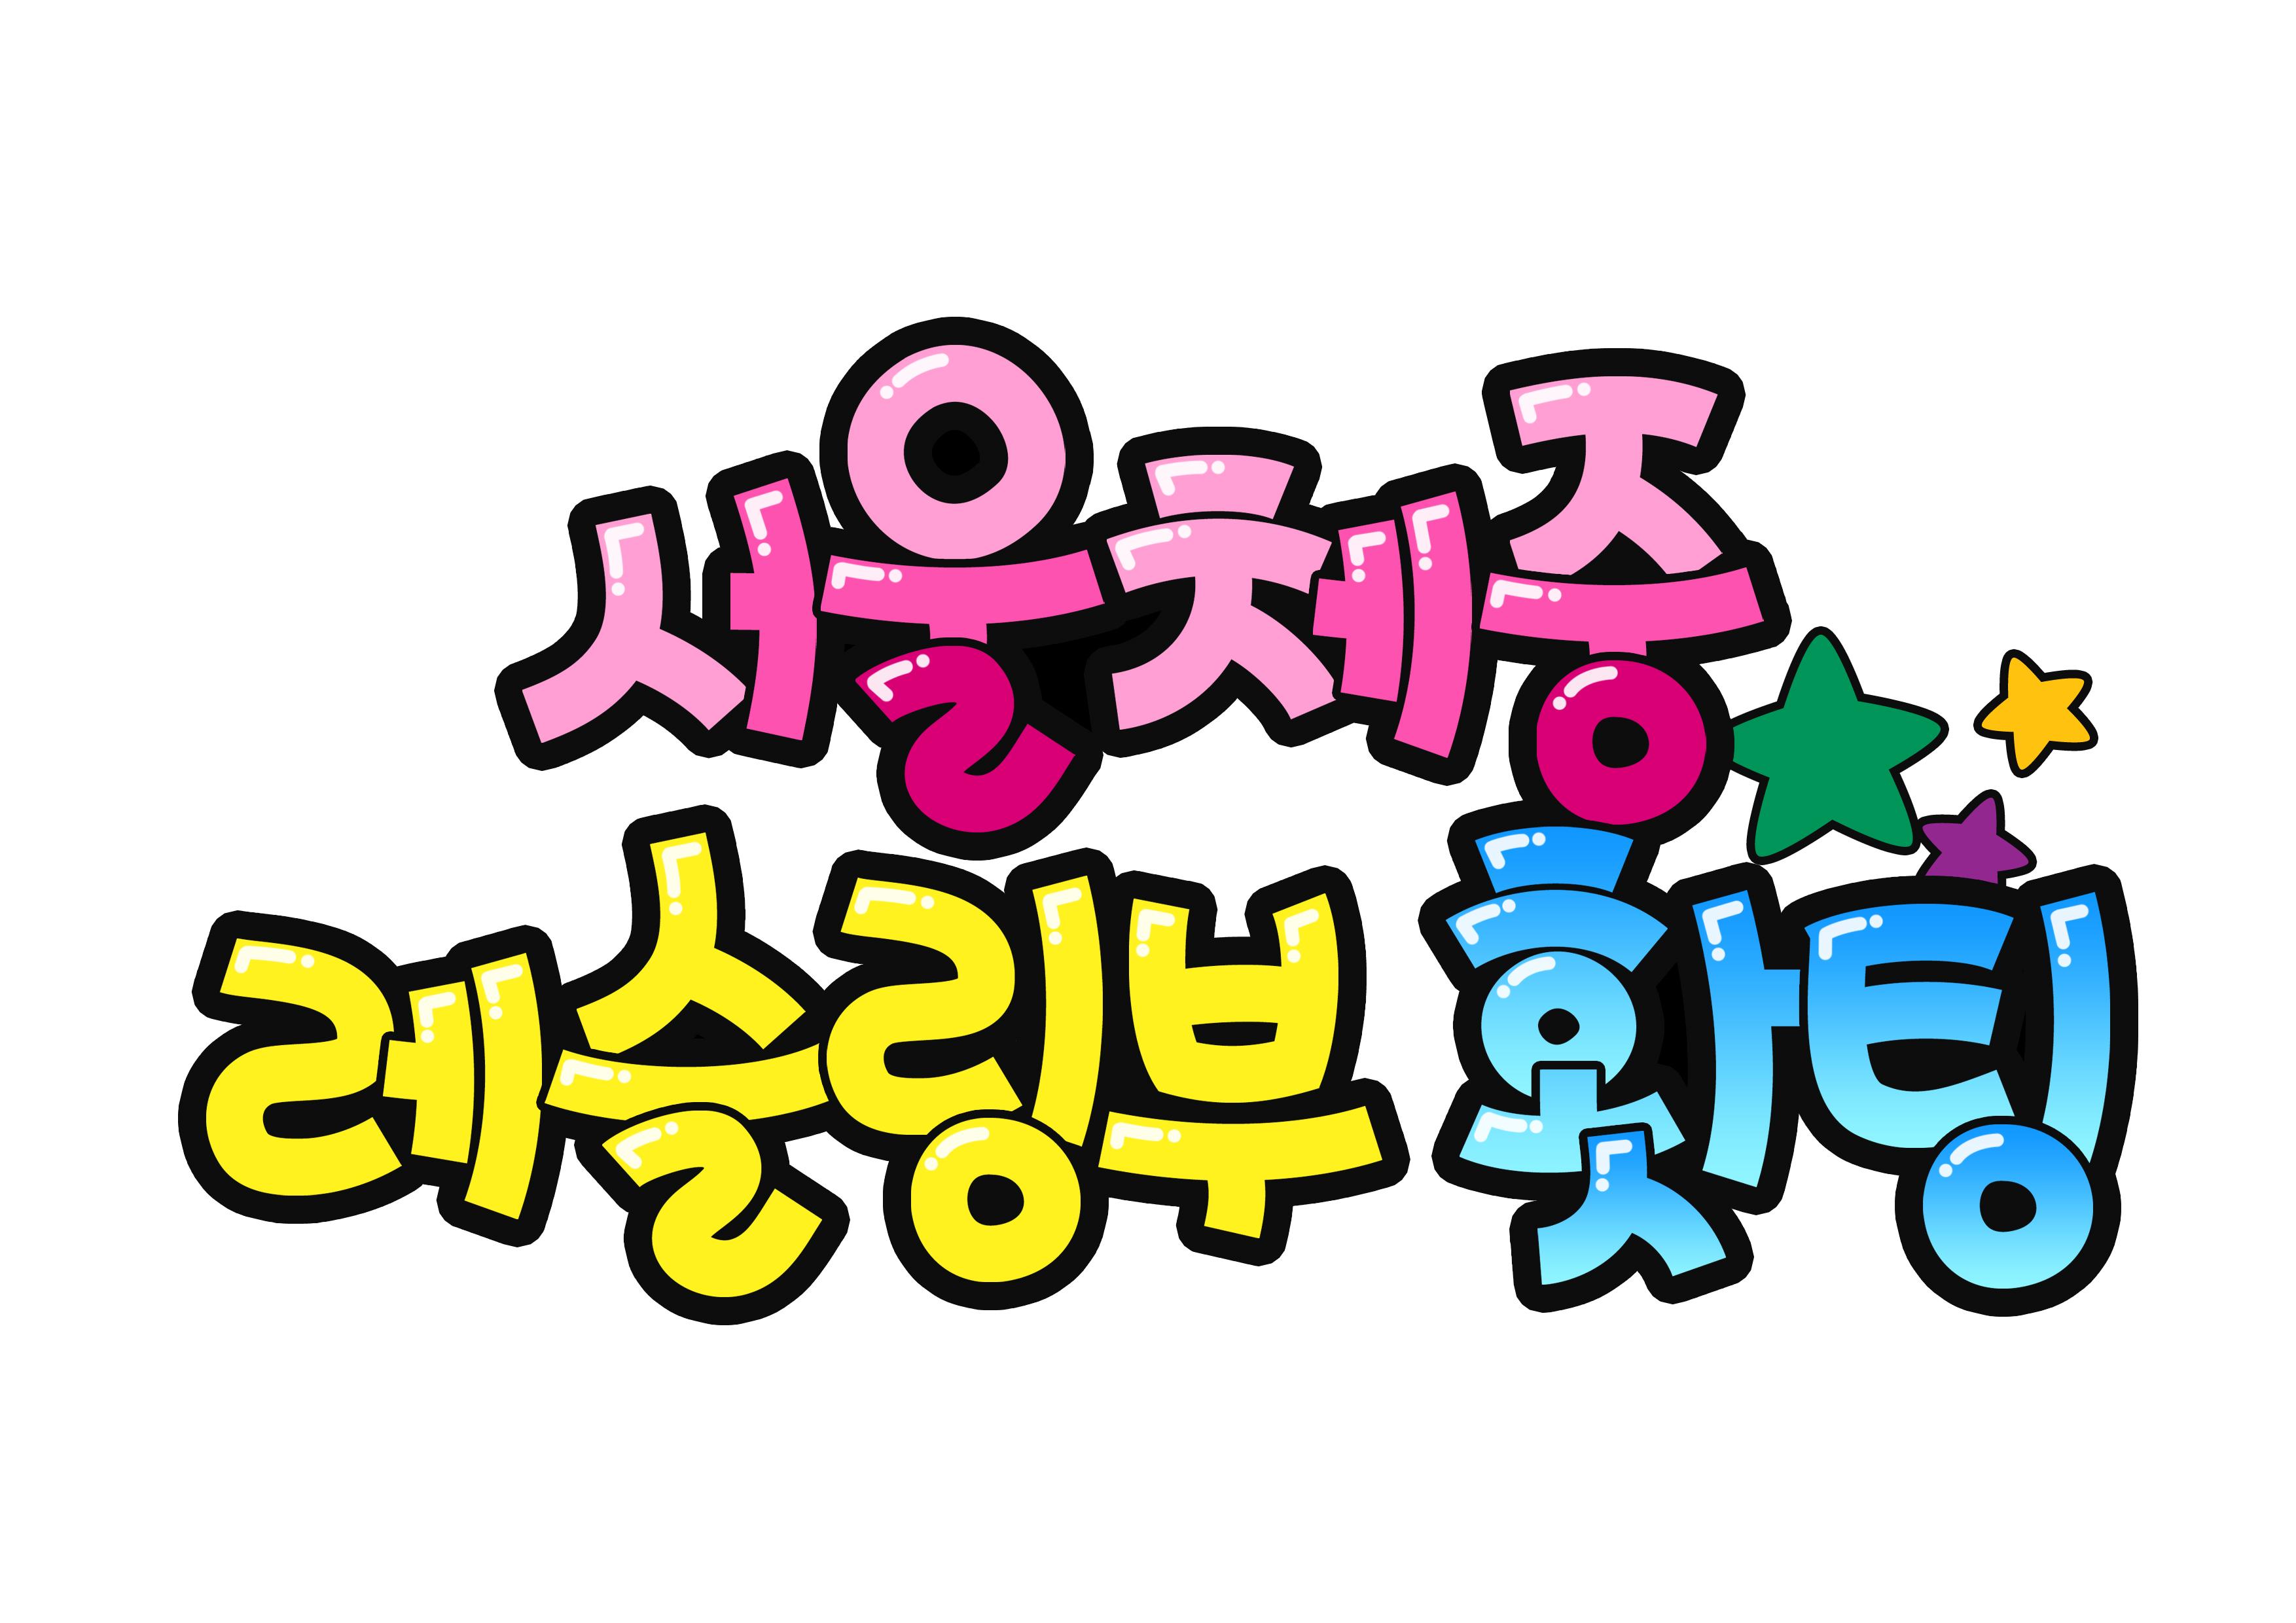 서울체중 레슬링부 홧팅